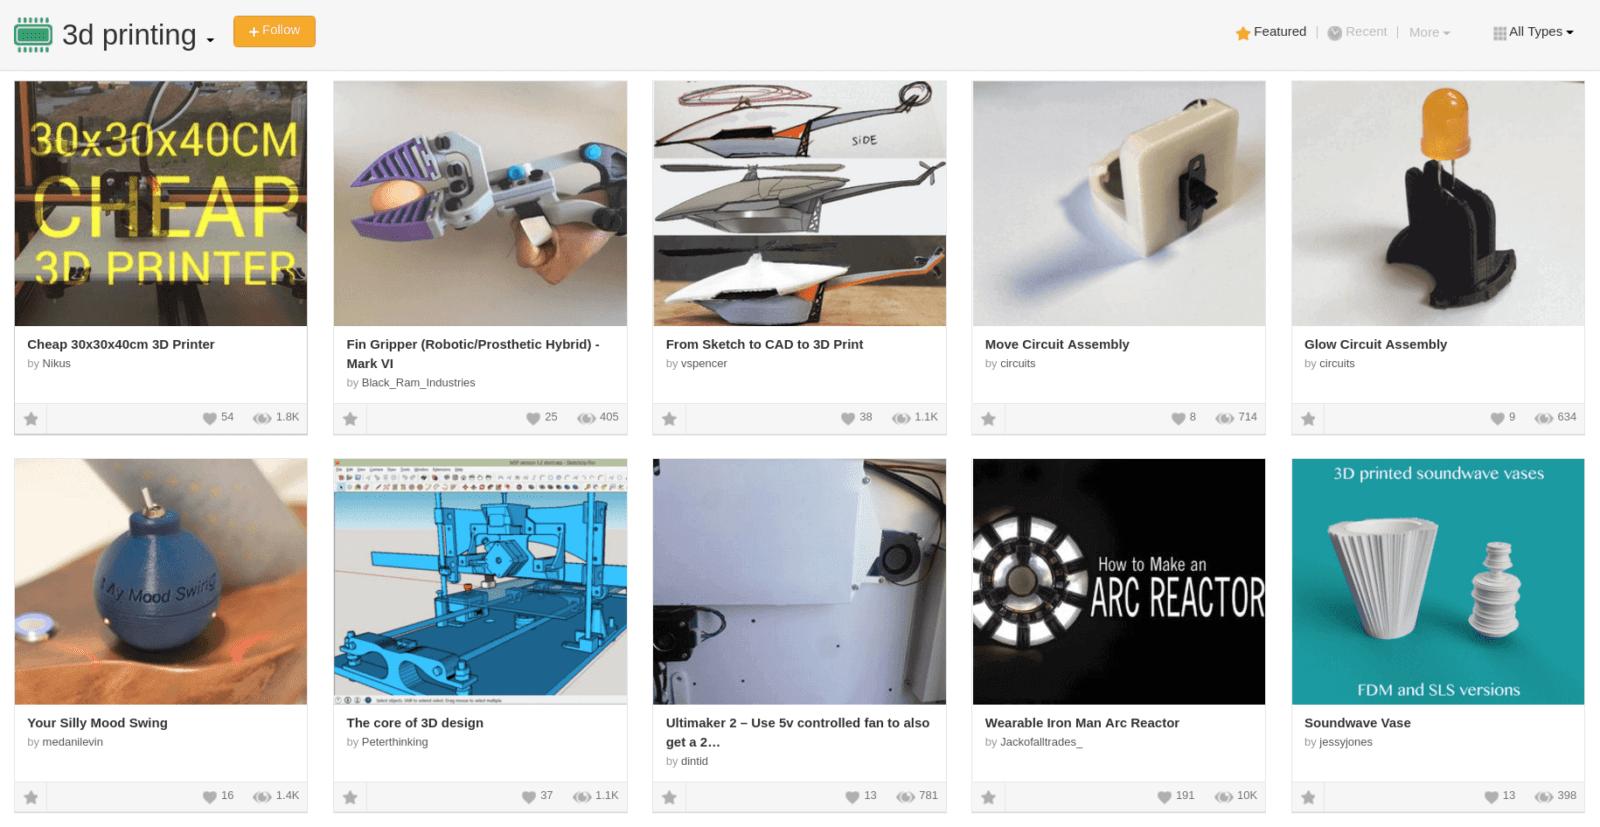 Бесплатные файлы STL, 3D-модели, файлы для 3D-принтера, 3D-модели для 3D-печати: Instructables